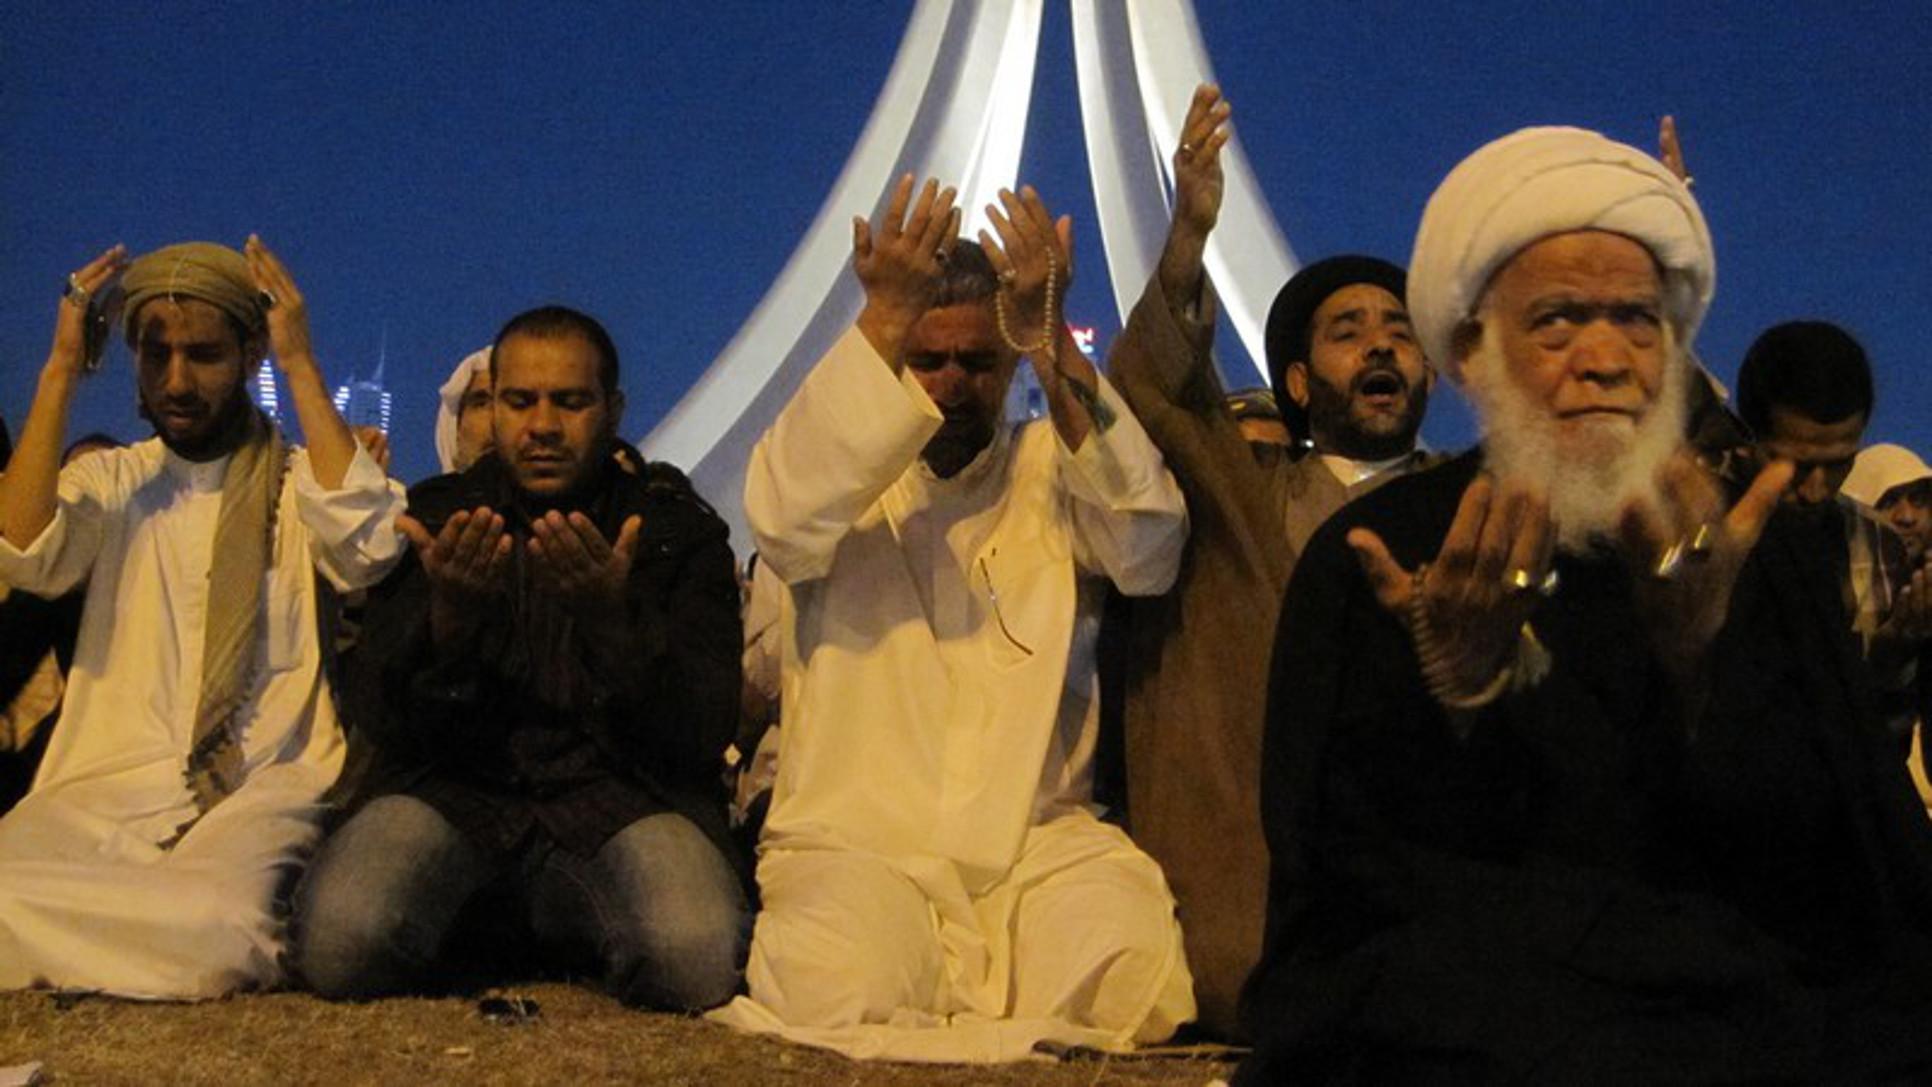 Sekciarskie pochodzenie Islamu